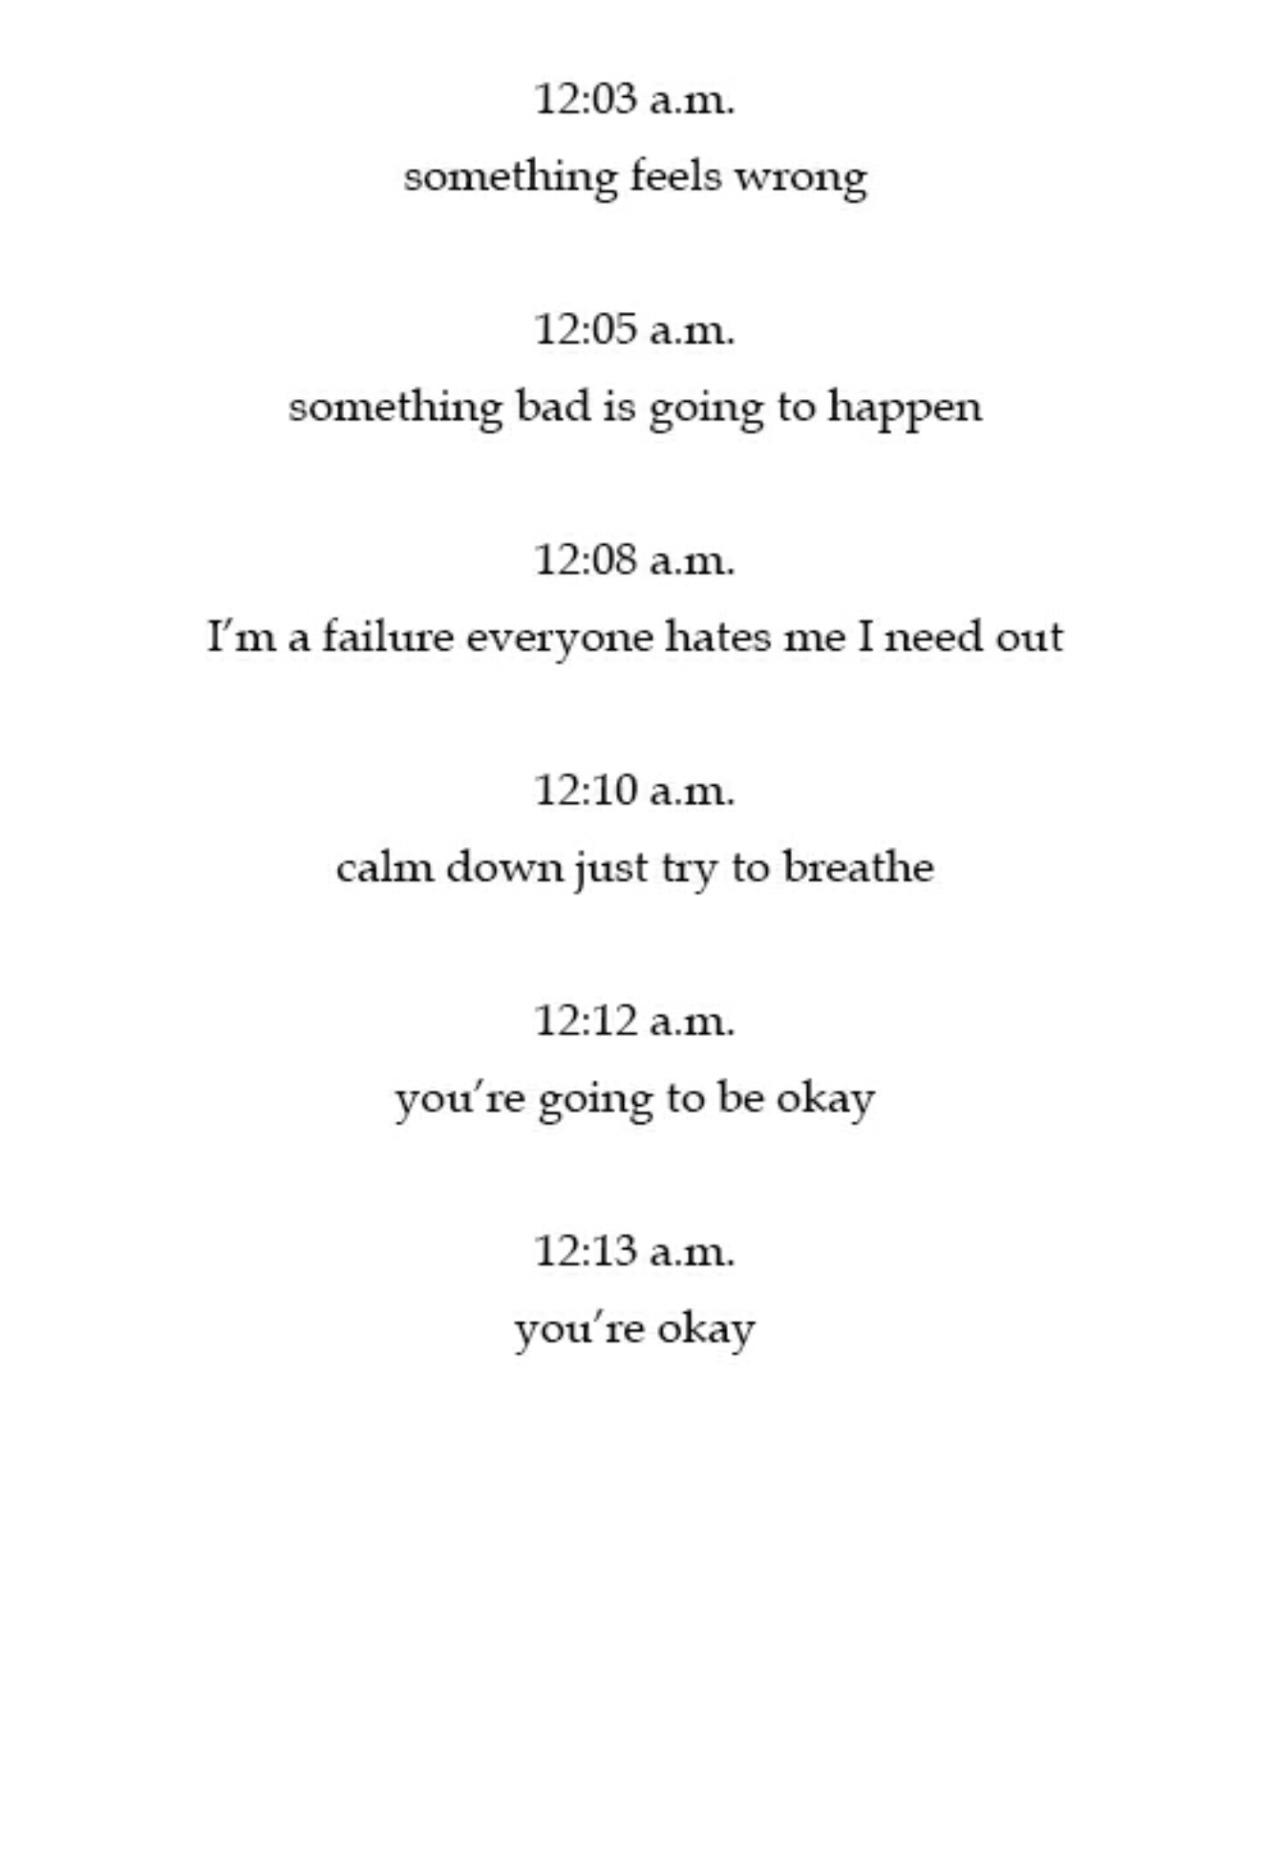 Depressive Depressing Quotes Depressing Thoughts Depressing Tumblr Depressing Aesthetic Depressing Af Depressing Life Depressing Lyrics Depressing Love